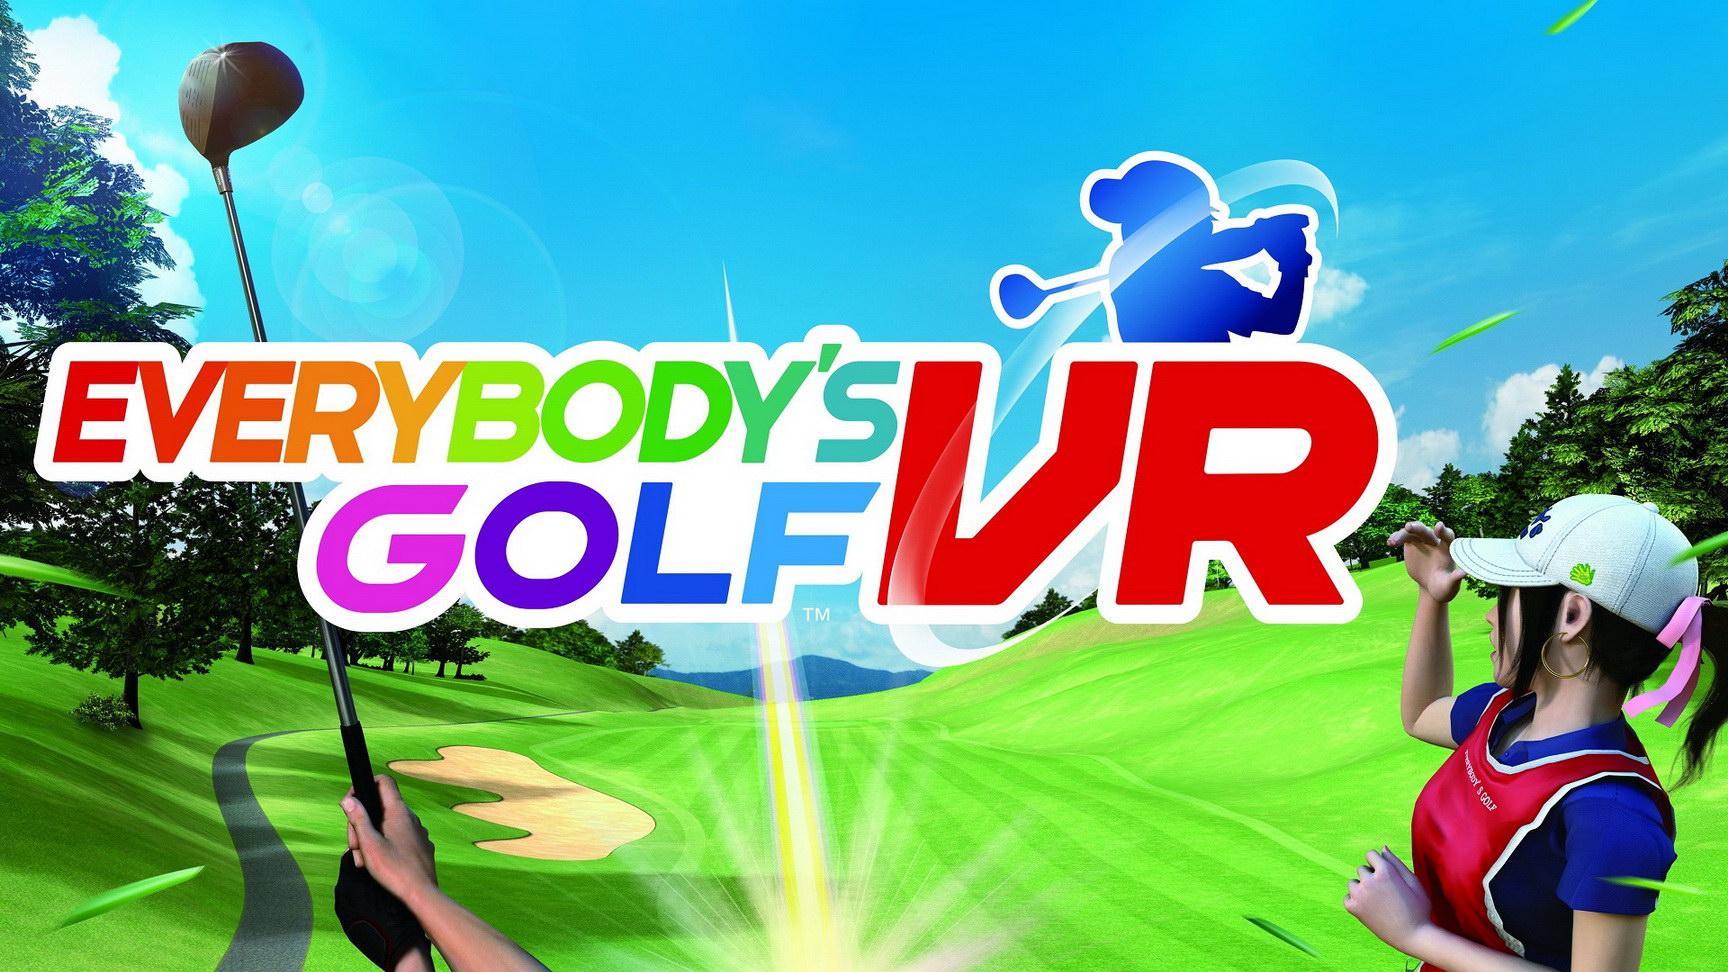 Everybody s golf VR